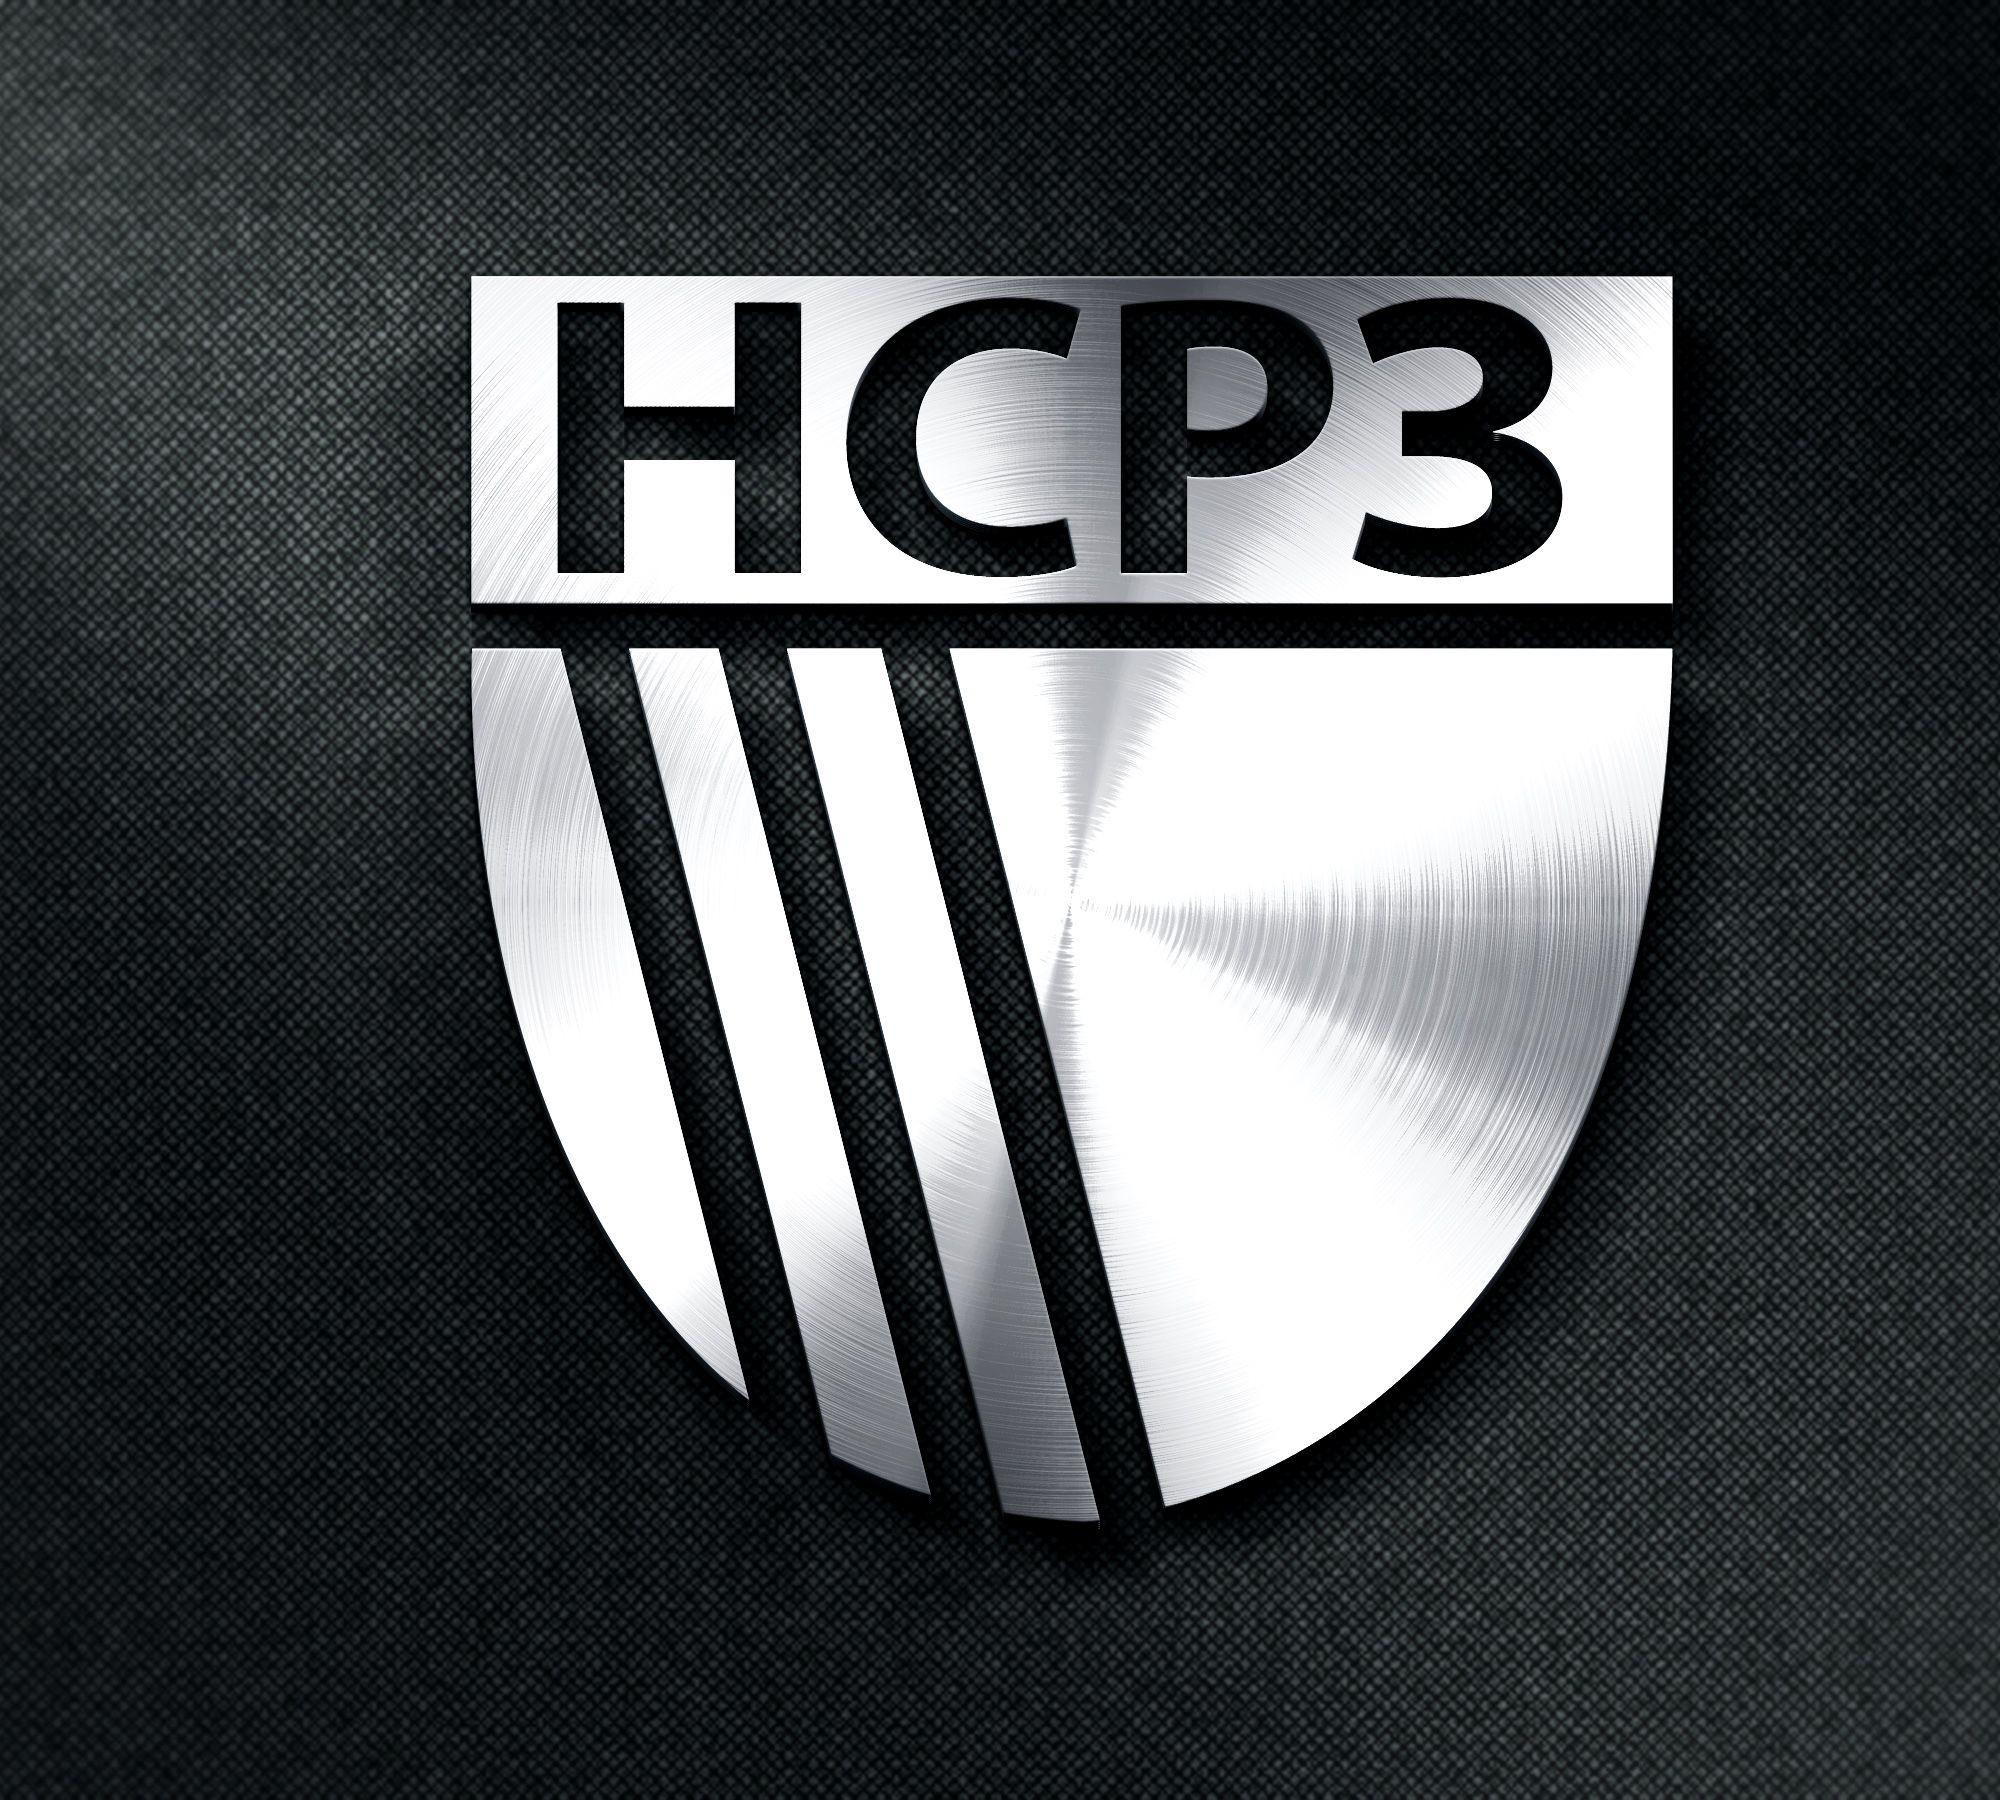 Лого и фирменный стиль для НСРЗ - дизайнер MEOW